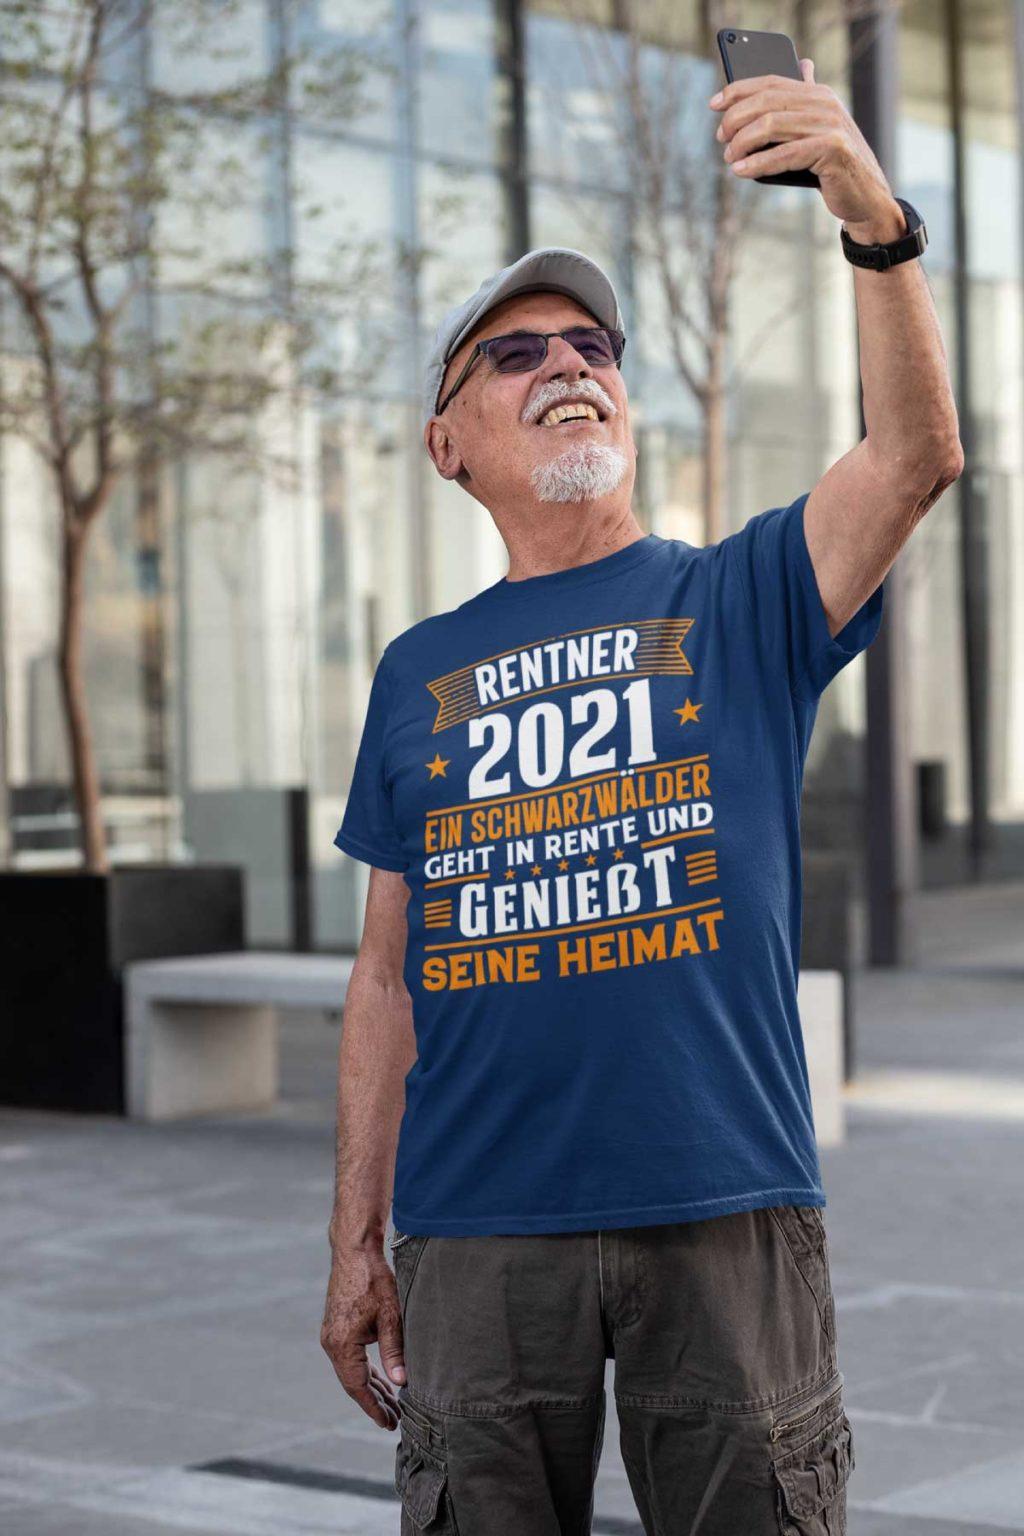 Passendes T-Shirt Motiv für Opa oder Papa der frisch in die Rente eingetreten ist oder der Eintritt noch kurz davor steht.